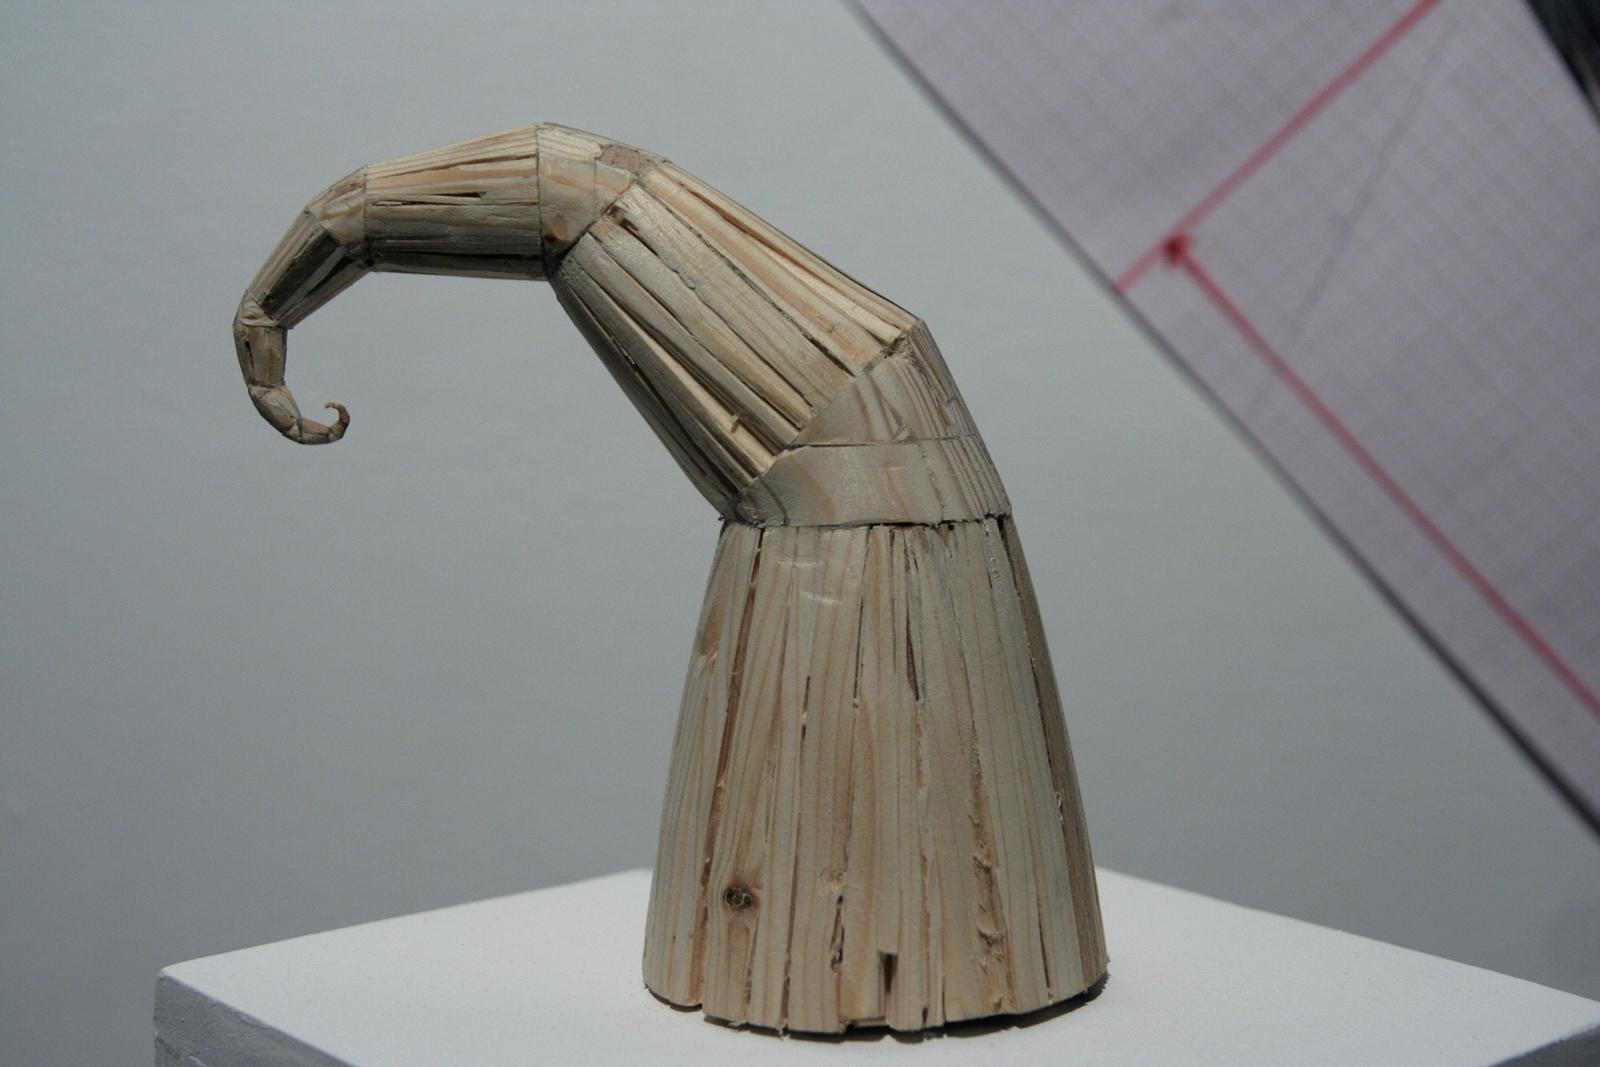 9.Szymon Kobylarz, Beztytułu (1-11), obiekt, drewno, 2015